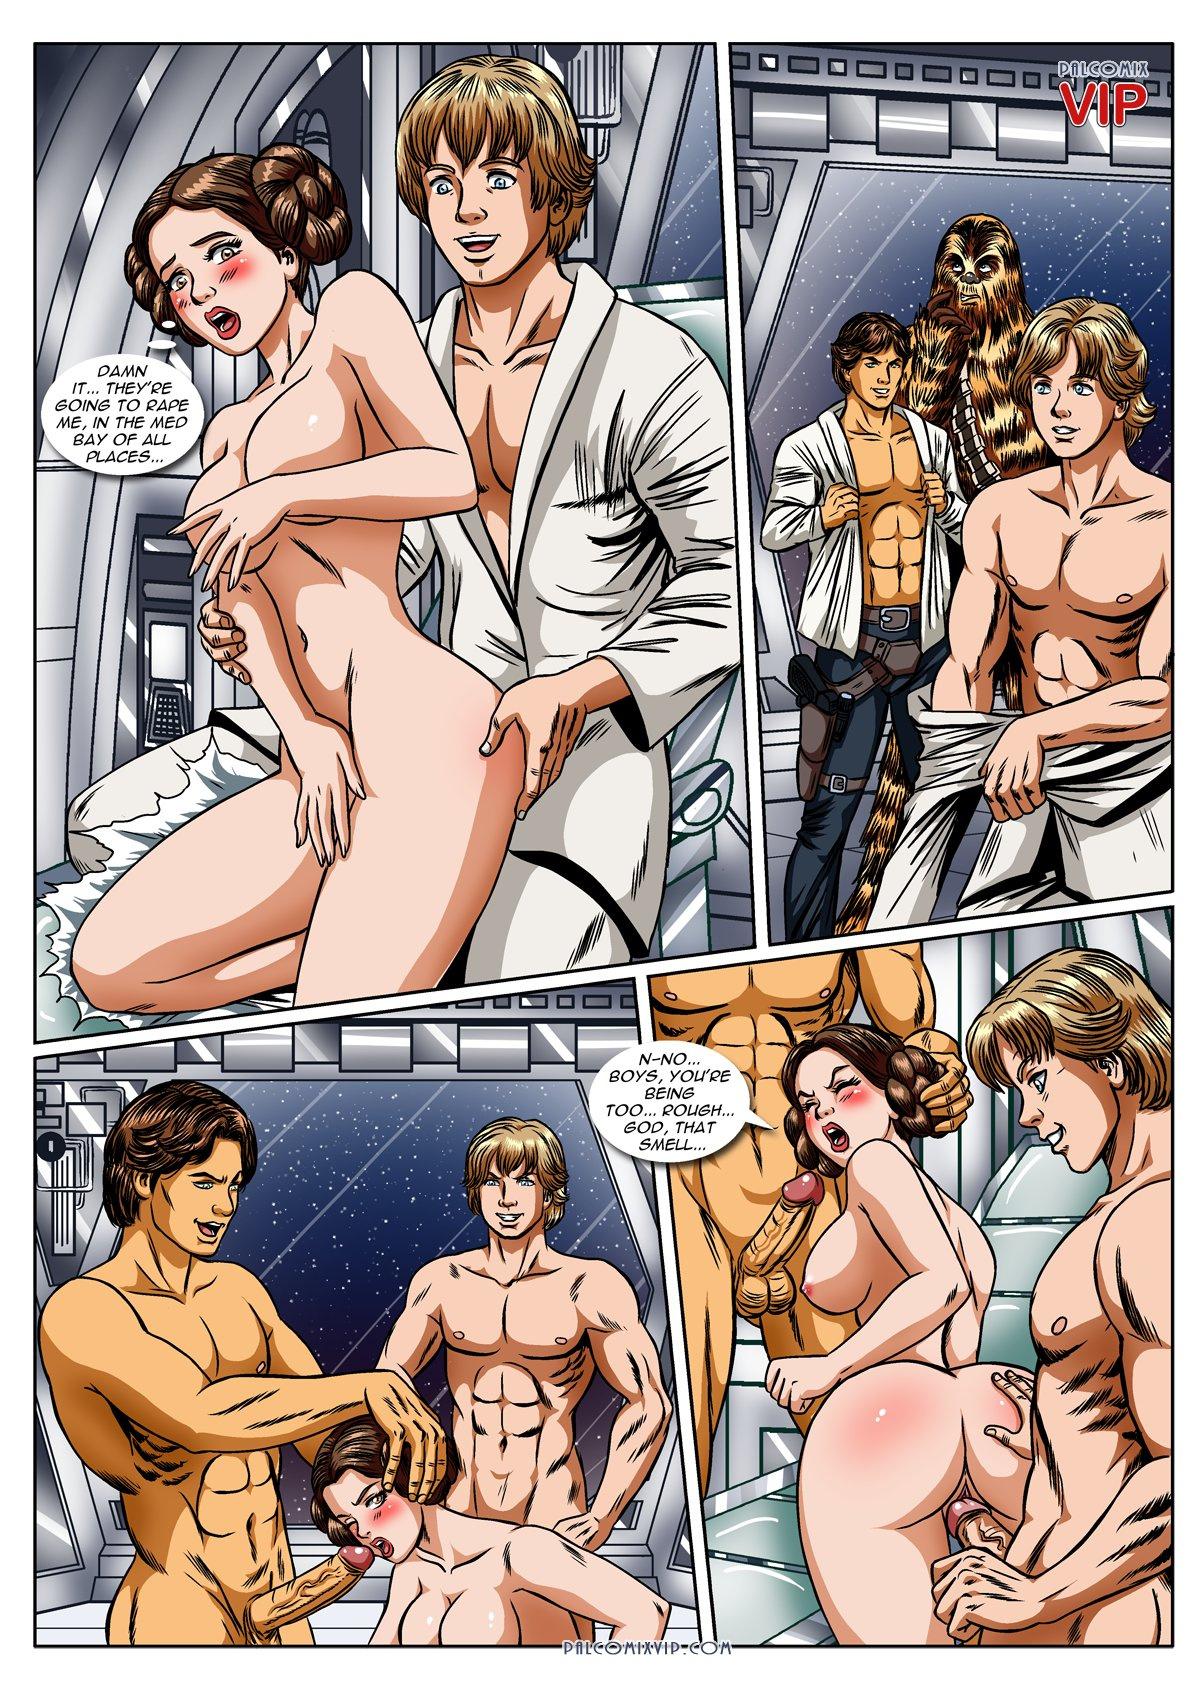 A Fantasy Long Long Ago porn comics Oral sex, Aliens, Anal Sex, Double Penetration, Group Sex, incest, Sci-Fi